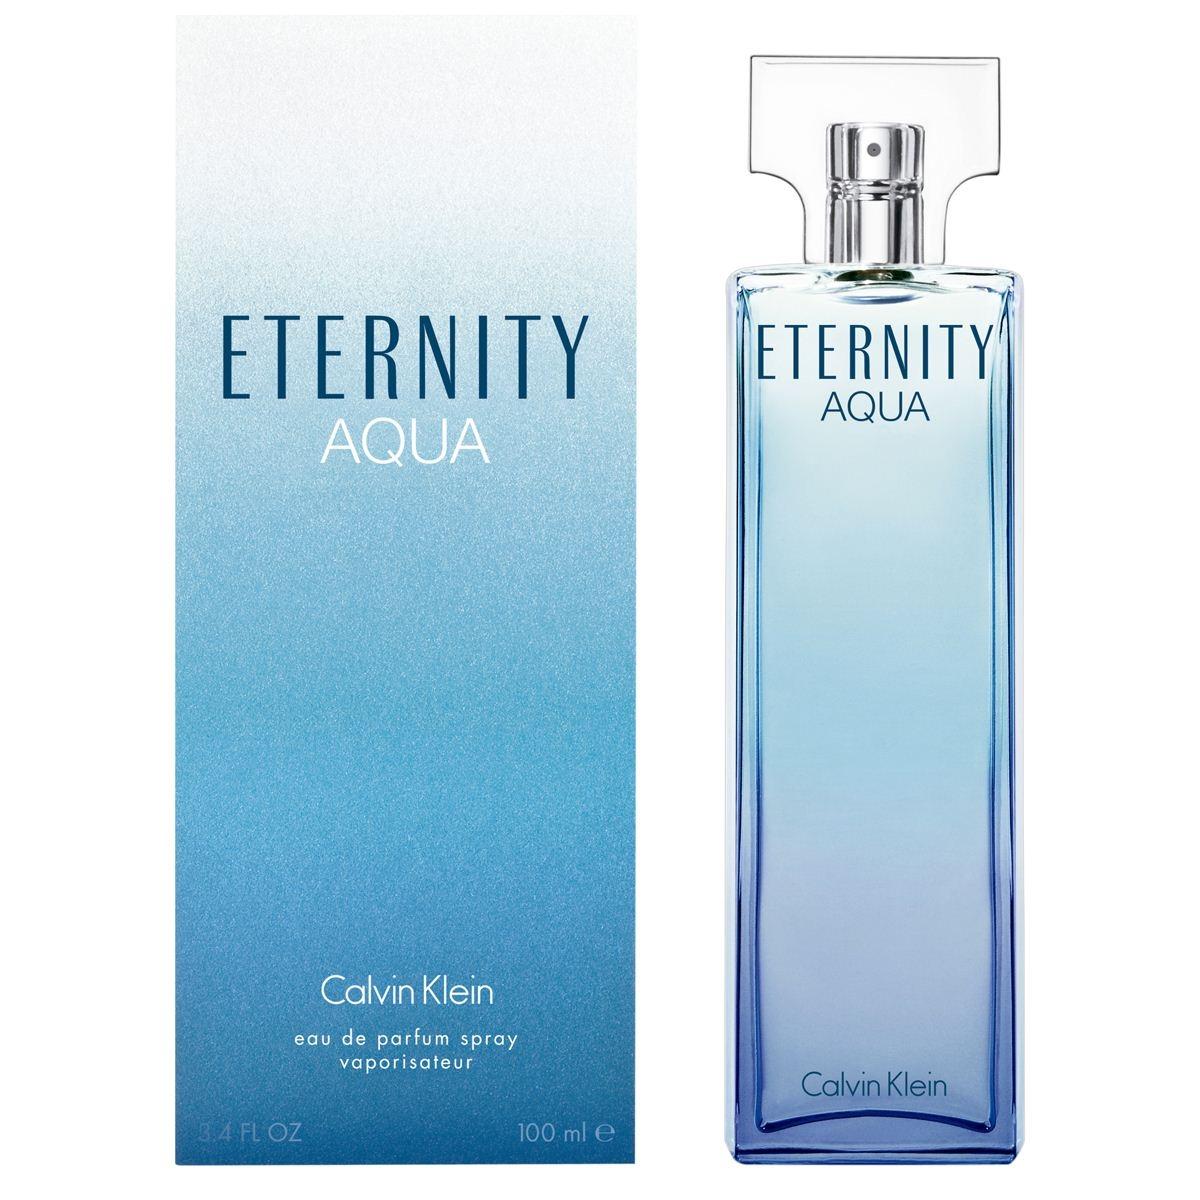 Calvin Klein Eternity Aqua Eau De Parfum 100 ml